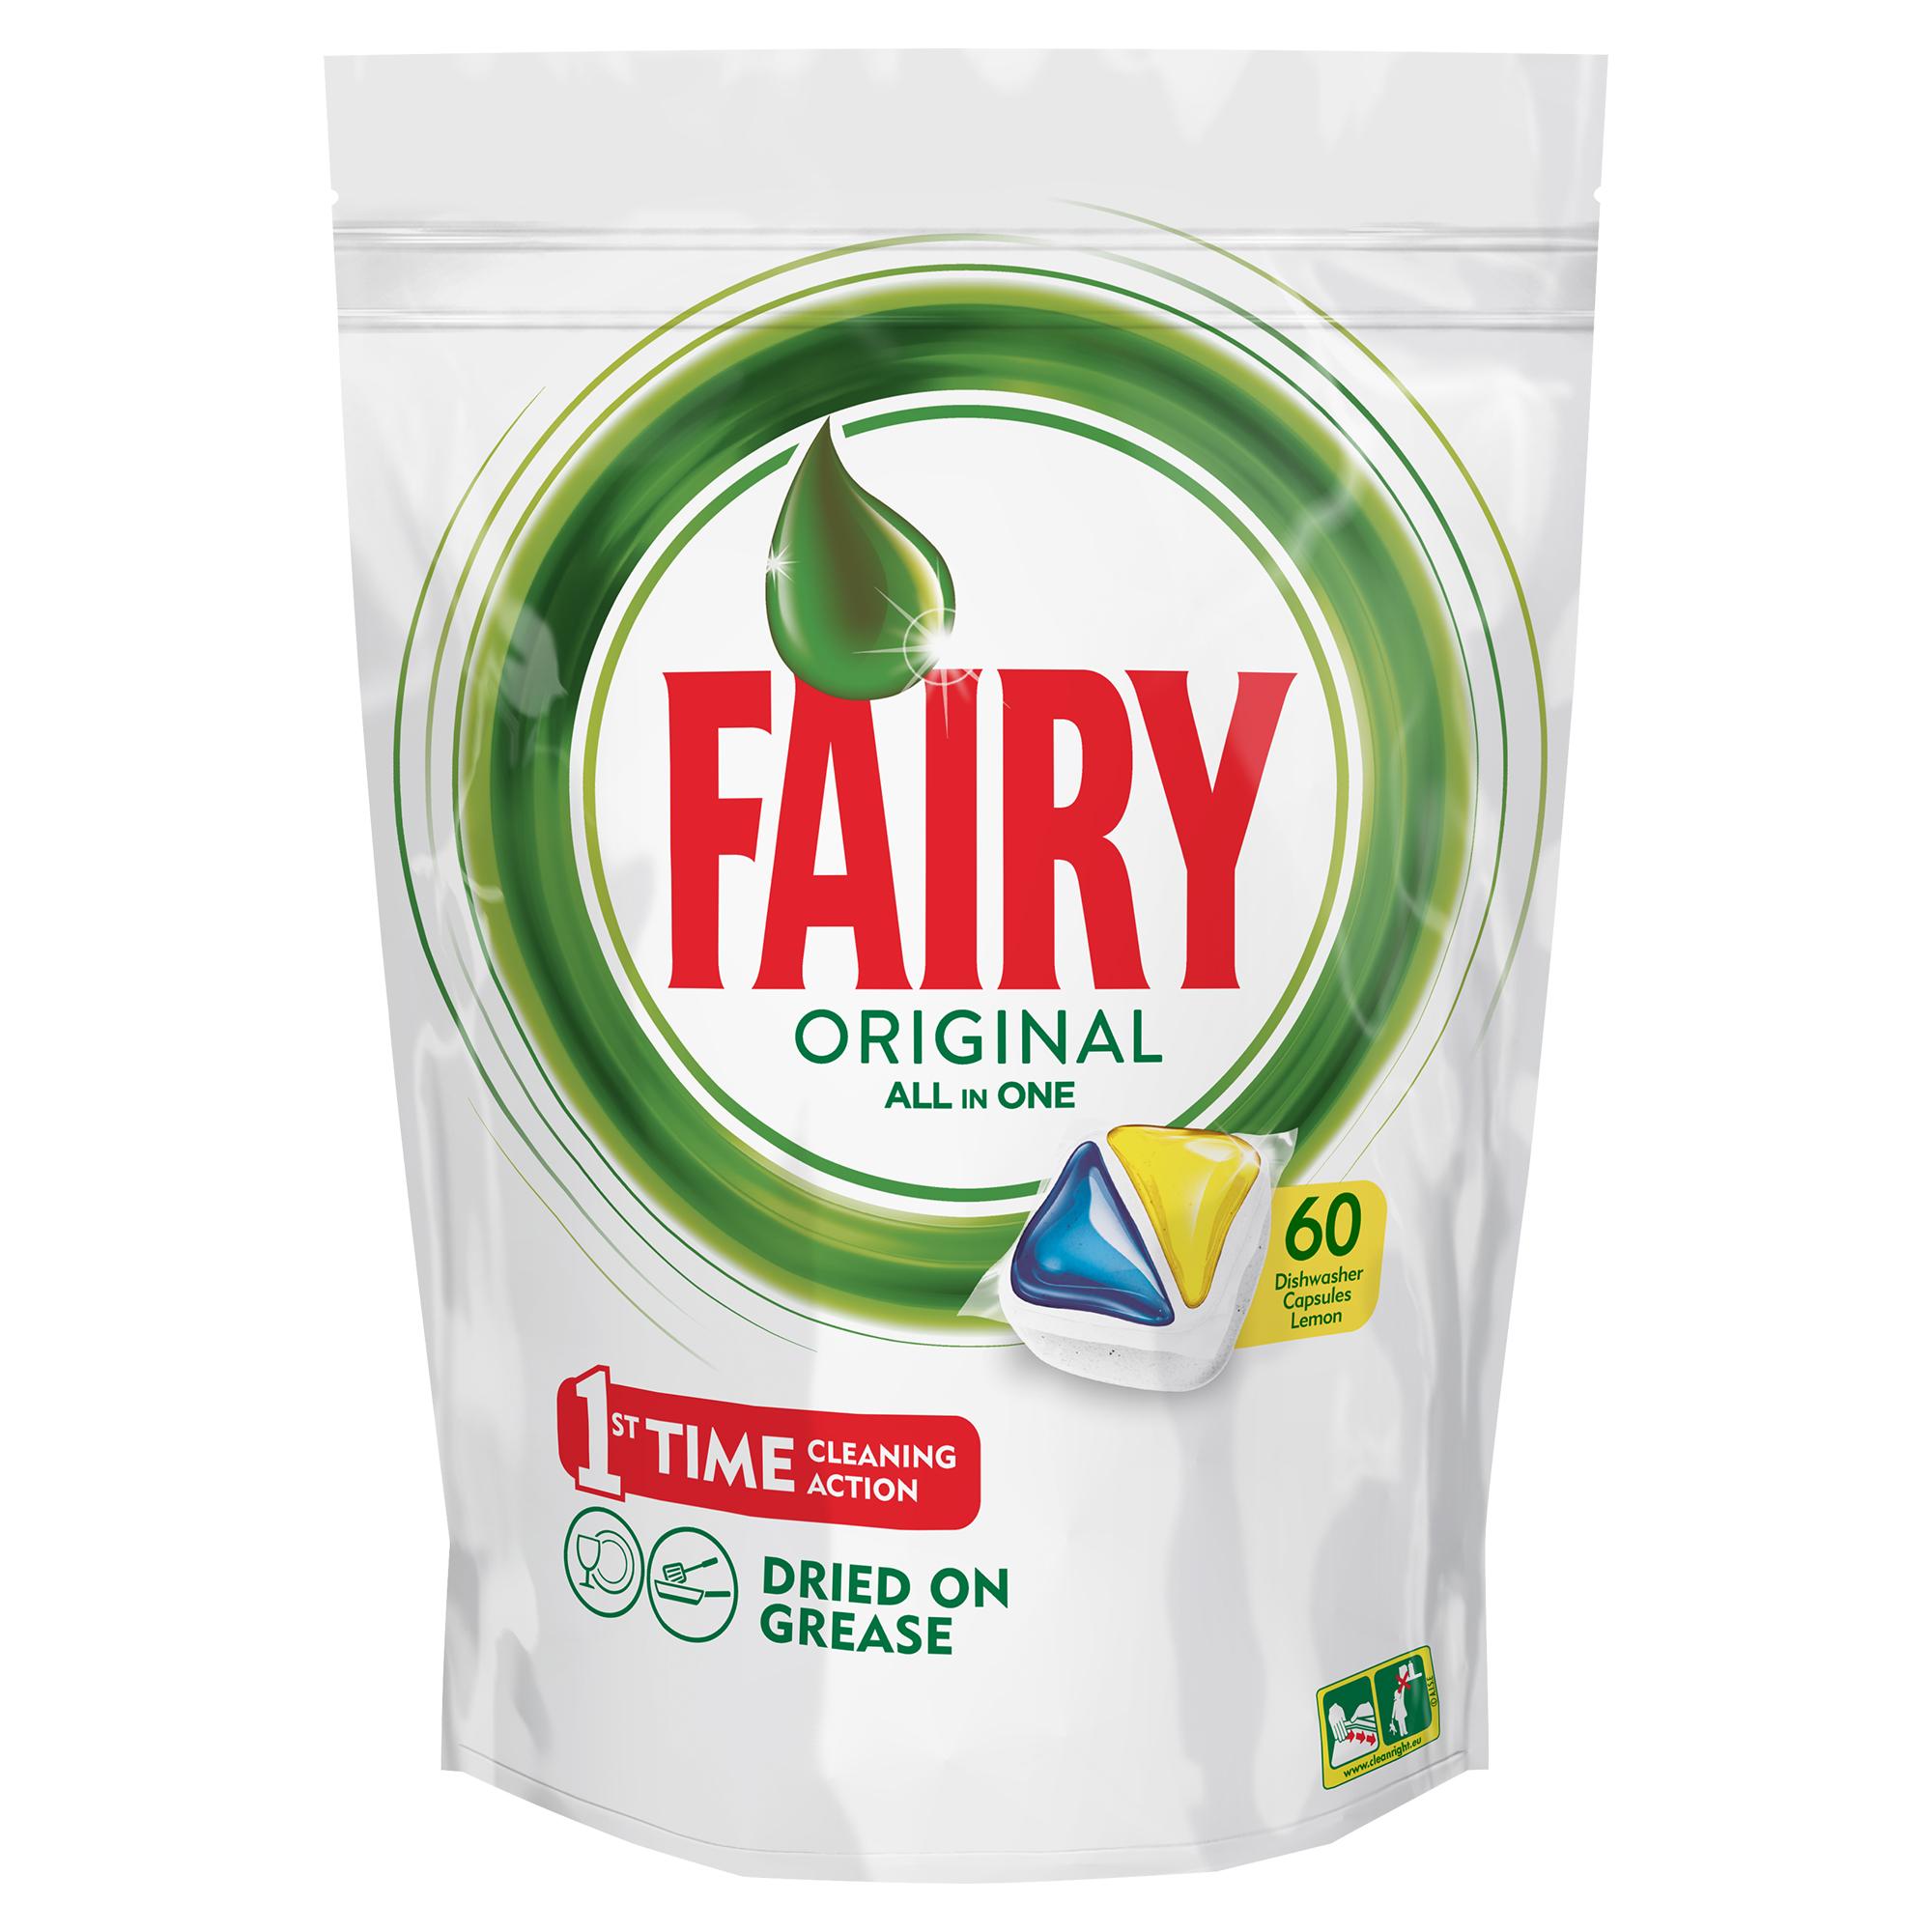 Капсулы для посудомоечной машины Fairy Original All In One. Лимон, 60 штFR-81607023Капсулы для посудомоечной машины Fairy Original All in One идеально отмывают посуду со сложными загрязнениями с 1-го раза. Fairy Original содержит гель и порошок в одной капсуле. Капсула растворяется гораздо быстрее, чем другие таблетки для посудомоечной машины, и поэтому начинает действовать немедленно. Кроме того, капсулы Fairy очень просты в использовании – просто поместите их в посудомоечную машину (не нужно распаковывать). Сила Fairy теперь и для посудомоечных машин! Идеально чистая посуда с 1-го раза. Справляется с засохшей и пригоревшей грязью. Капсулы для посудомоечной машины Fairy Original All in One Очистит даже самые сложные загрязнения. С функцией супер-сияния посуды. С добавлением соли и ополаскивателя, а так же с защитой стекла и серебра. Сохраняет приятный запах в посудомоечной машине С жидким моющим средством для борьбы со сложным жиром. Произведено и протестировано для использования во всех посудомоечных машинах. Готовы к использованию. Не нужно разворачивать. 1...